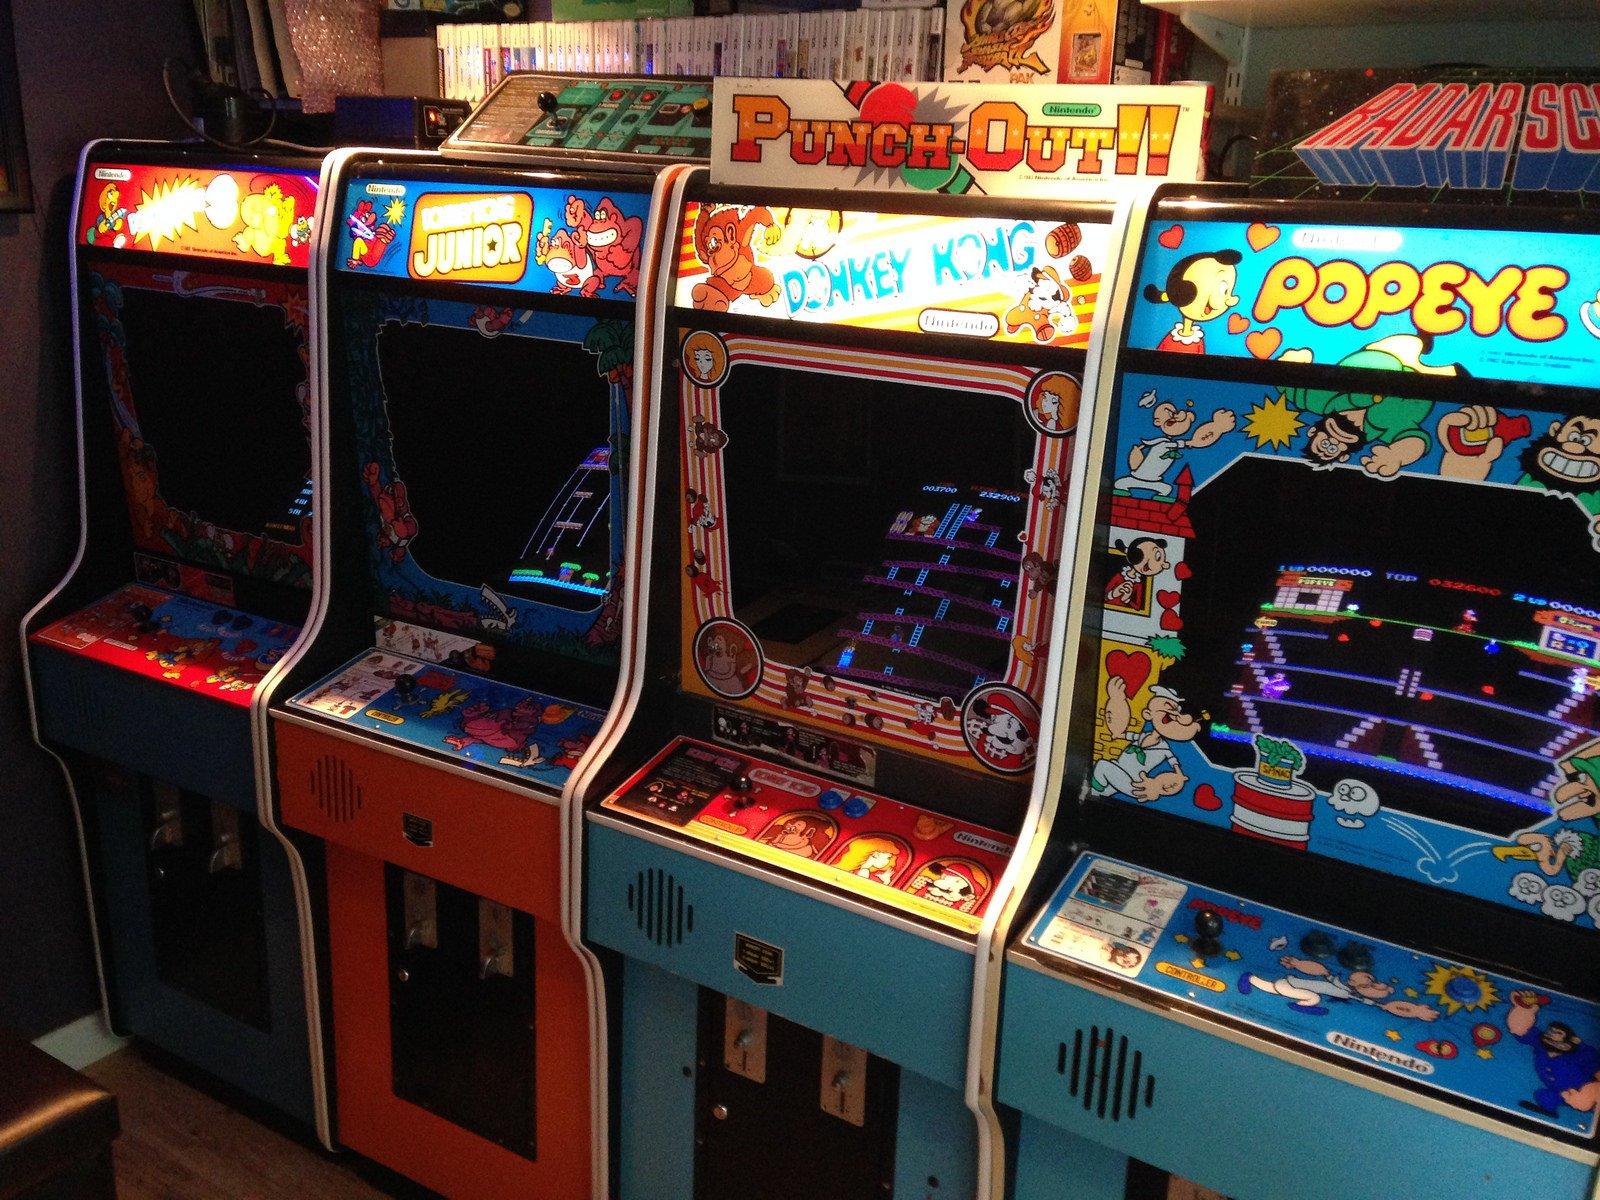 Nintendo arcade game photo